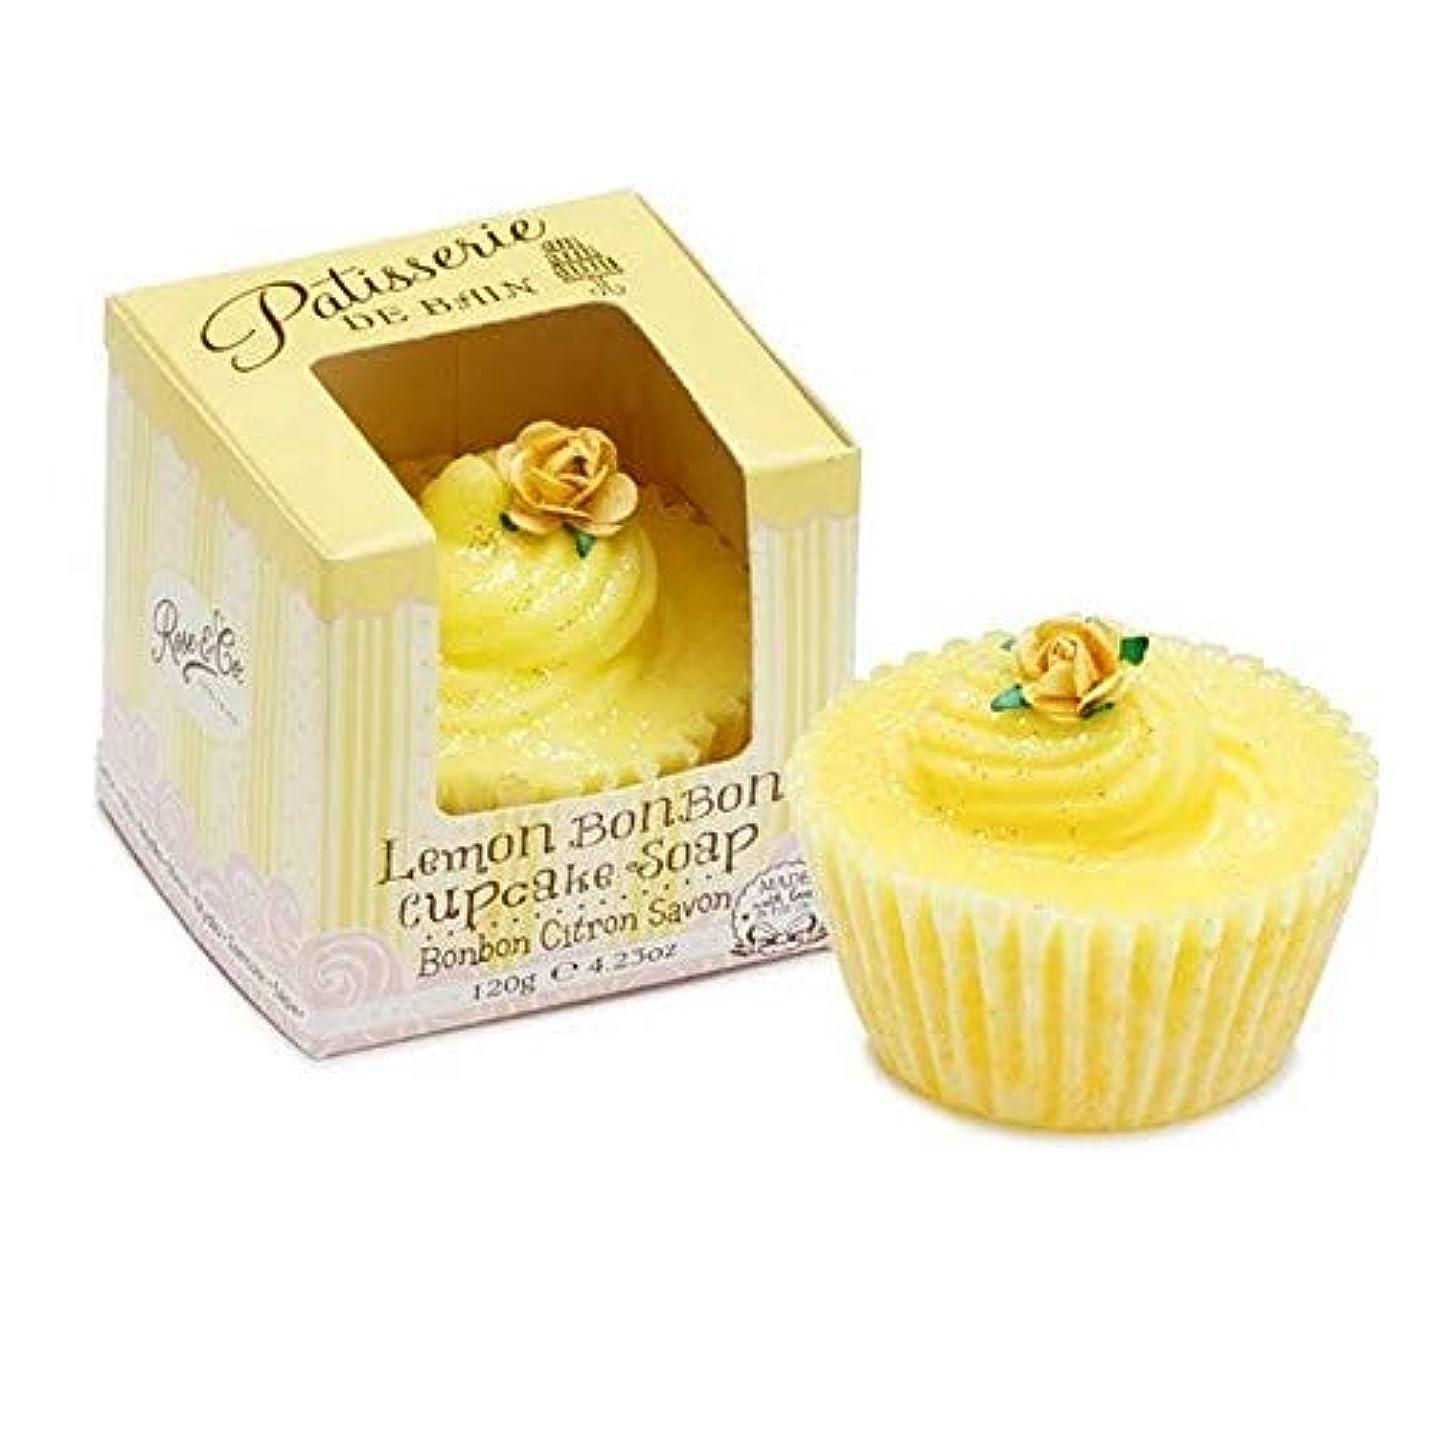 ショップその結果きらめき[Patisserie de Bain ] パティスリー?デ?ベインレモンボンボンカップケーキソープ120グラム - Patisserie de Bain Lemon Bon Bon Cupcake soap 120g...